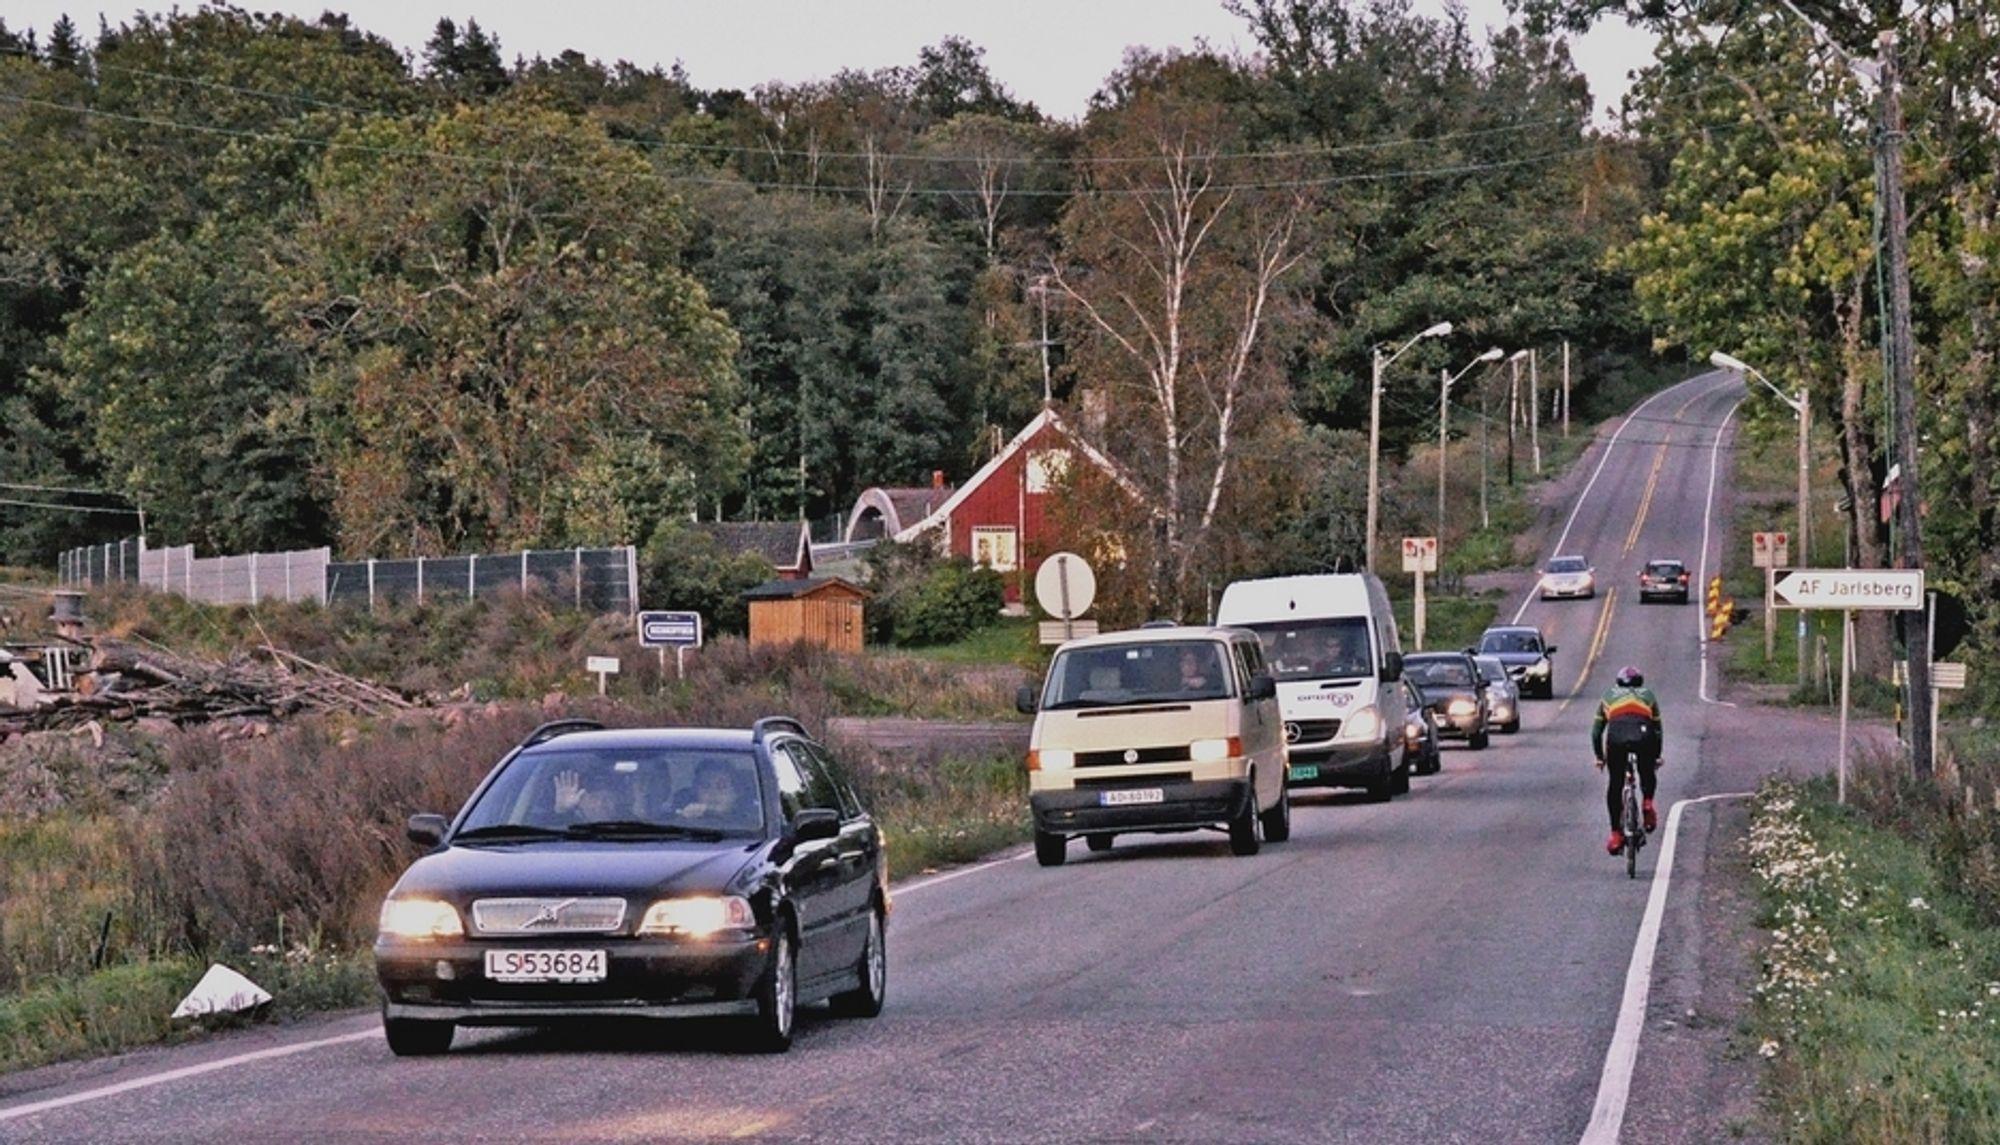 Tomsbakken på fylkesveg 35 nord for Tønsberg sentrum er en av strekningene som inngår i en driftskontrakt som berører fem kommuner i Vestfold.